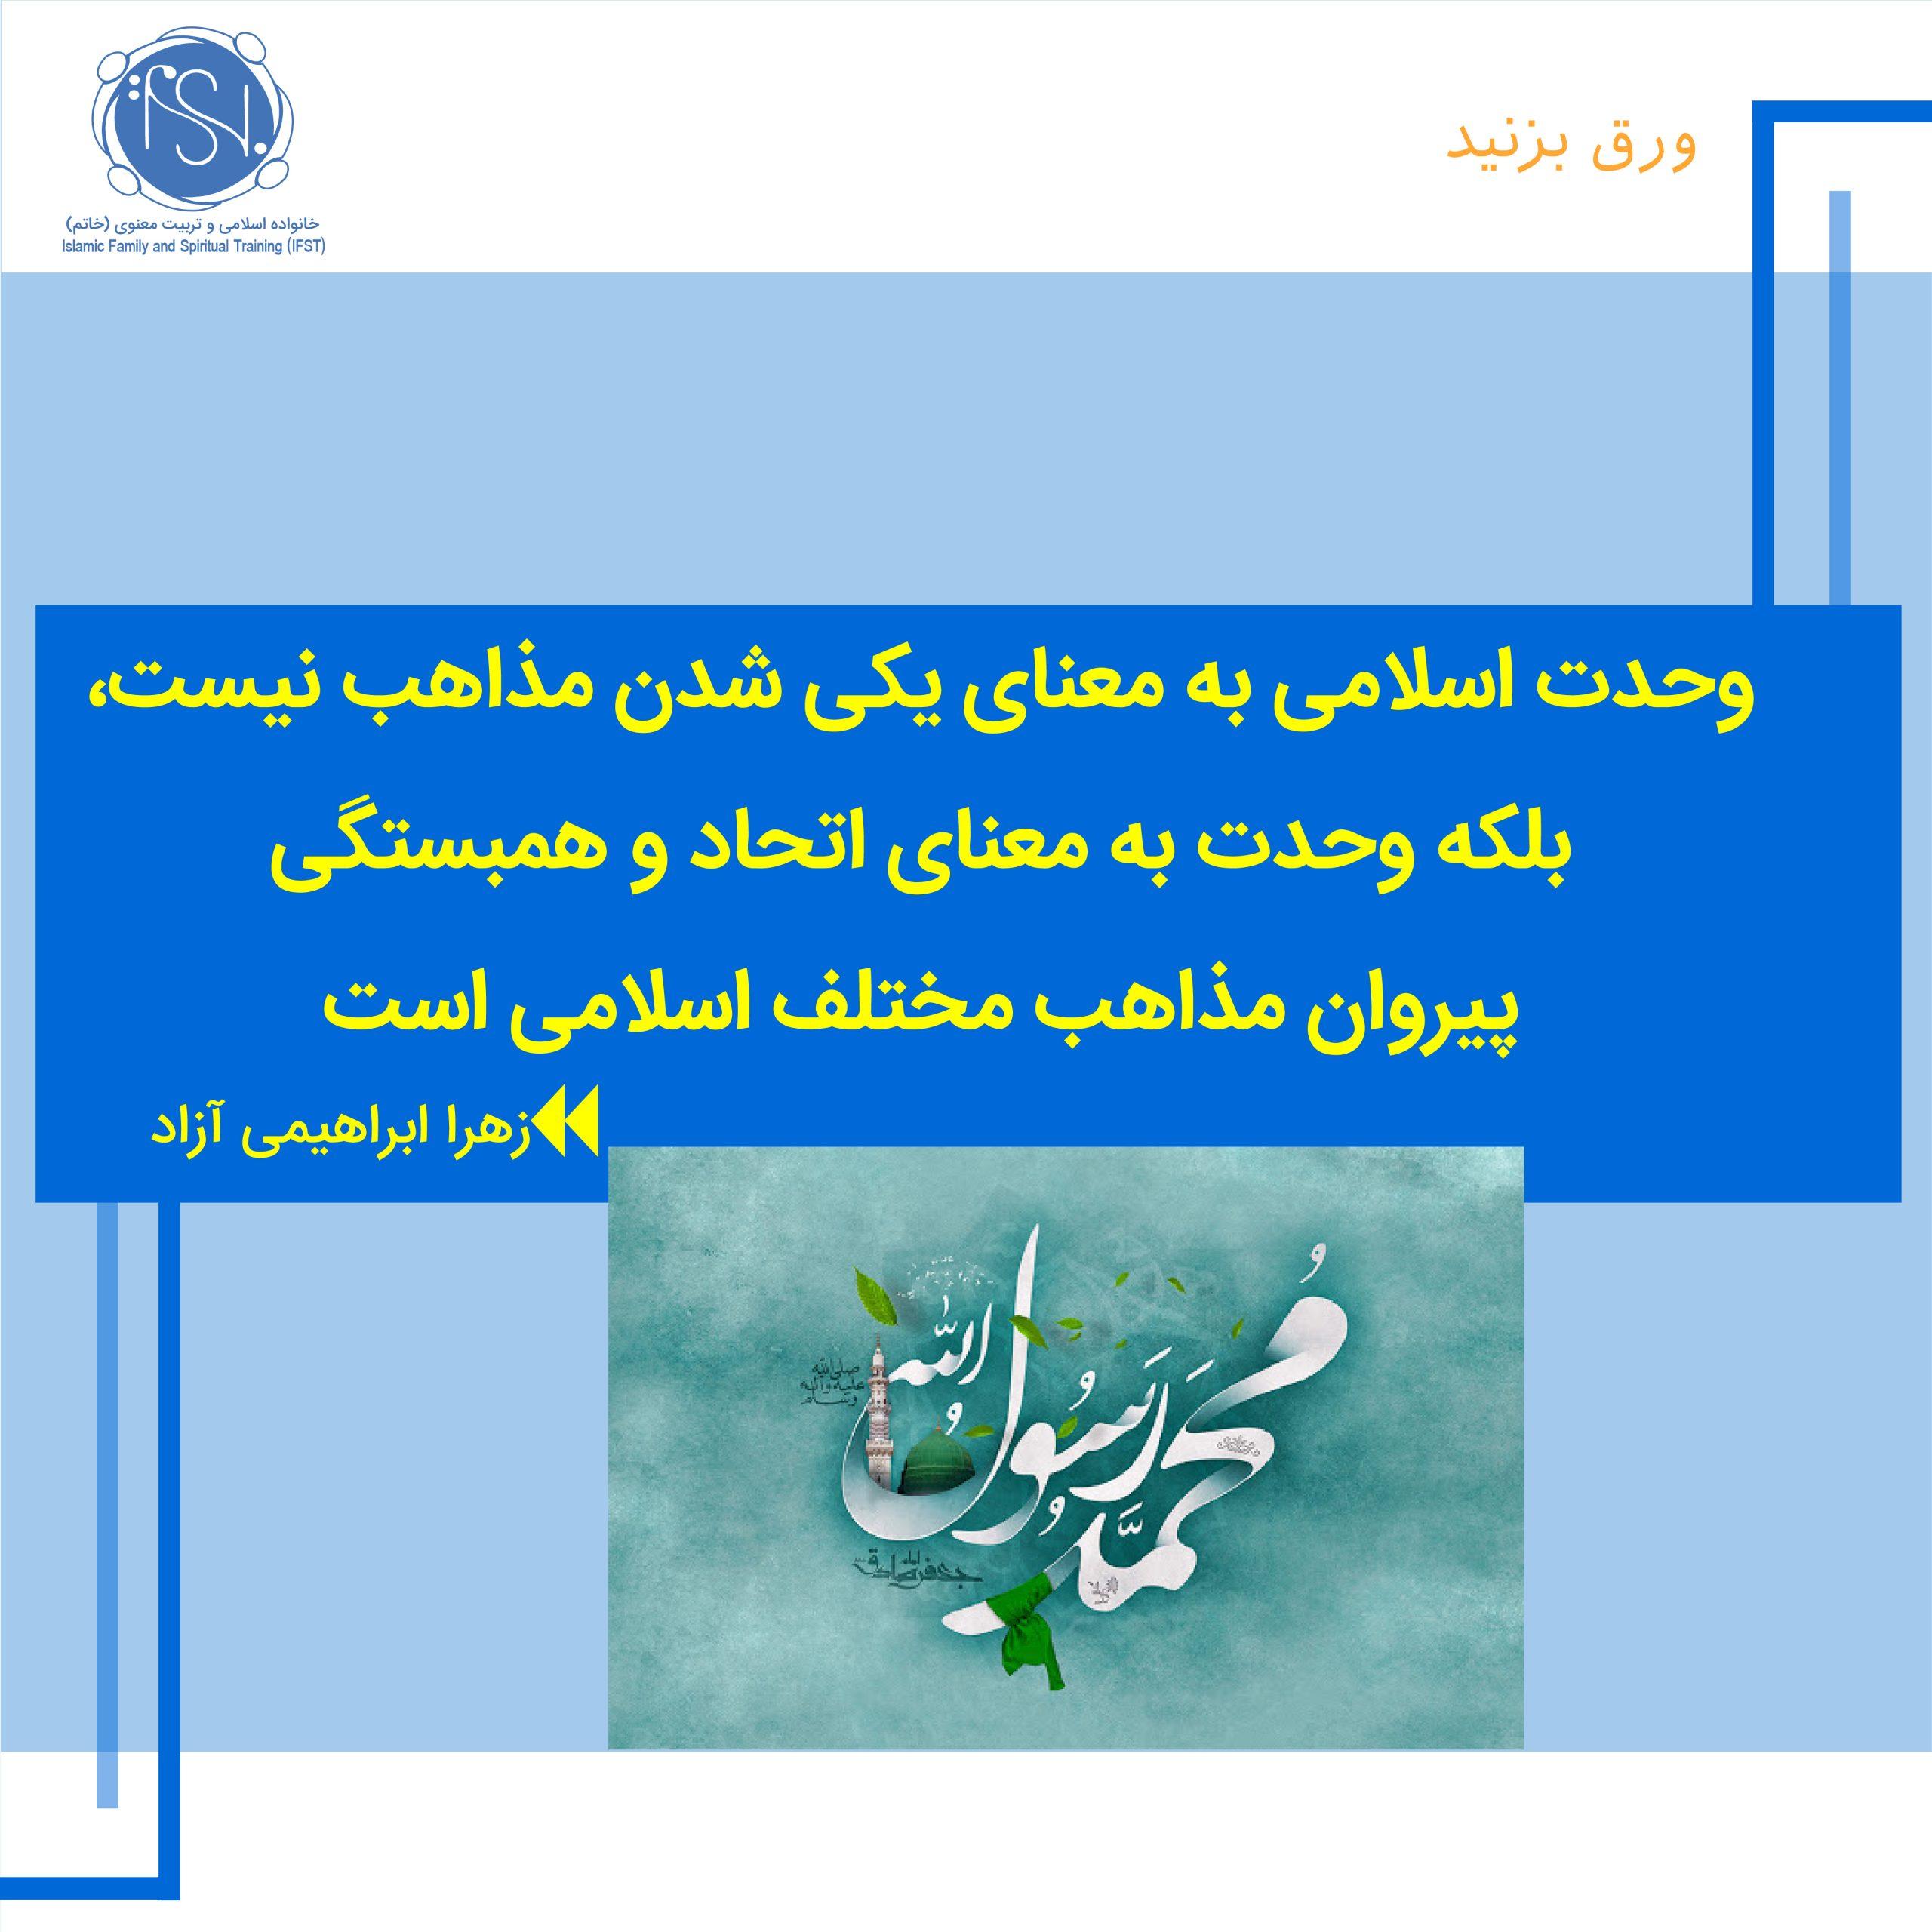 وحدت؛ اتحاد و همبستگی پیروان مذاهب مختلف اسلامی